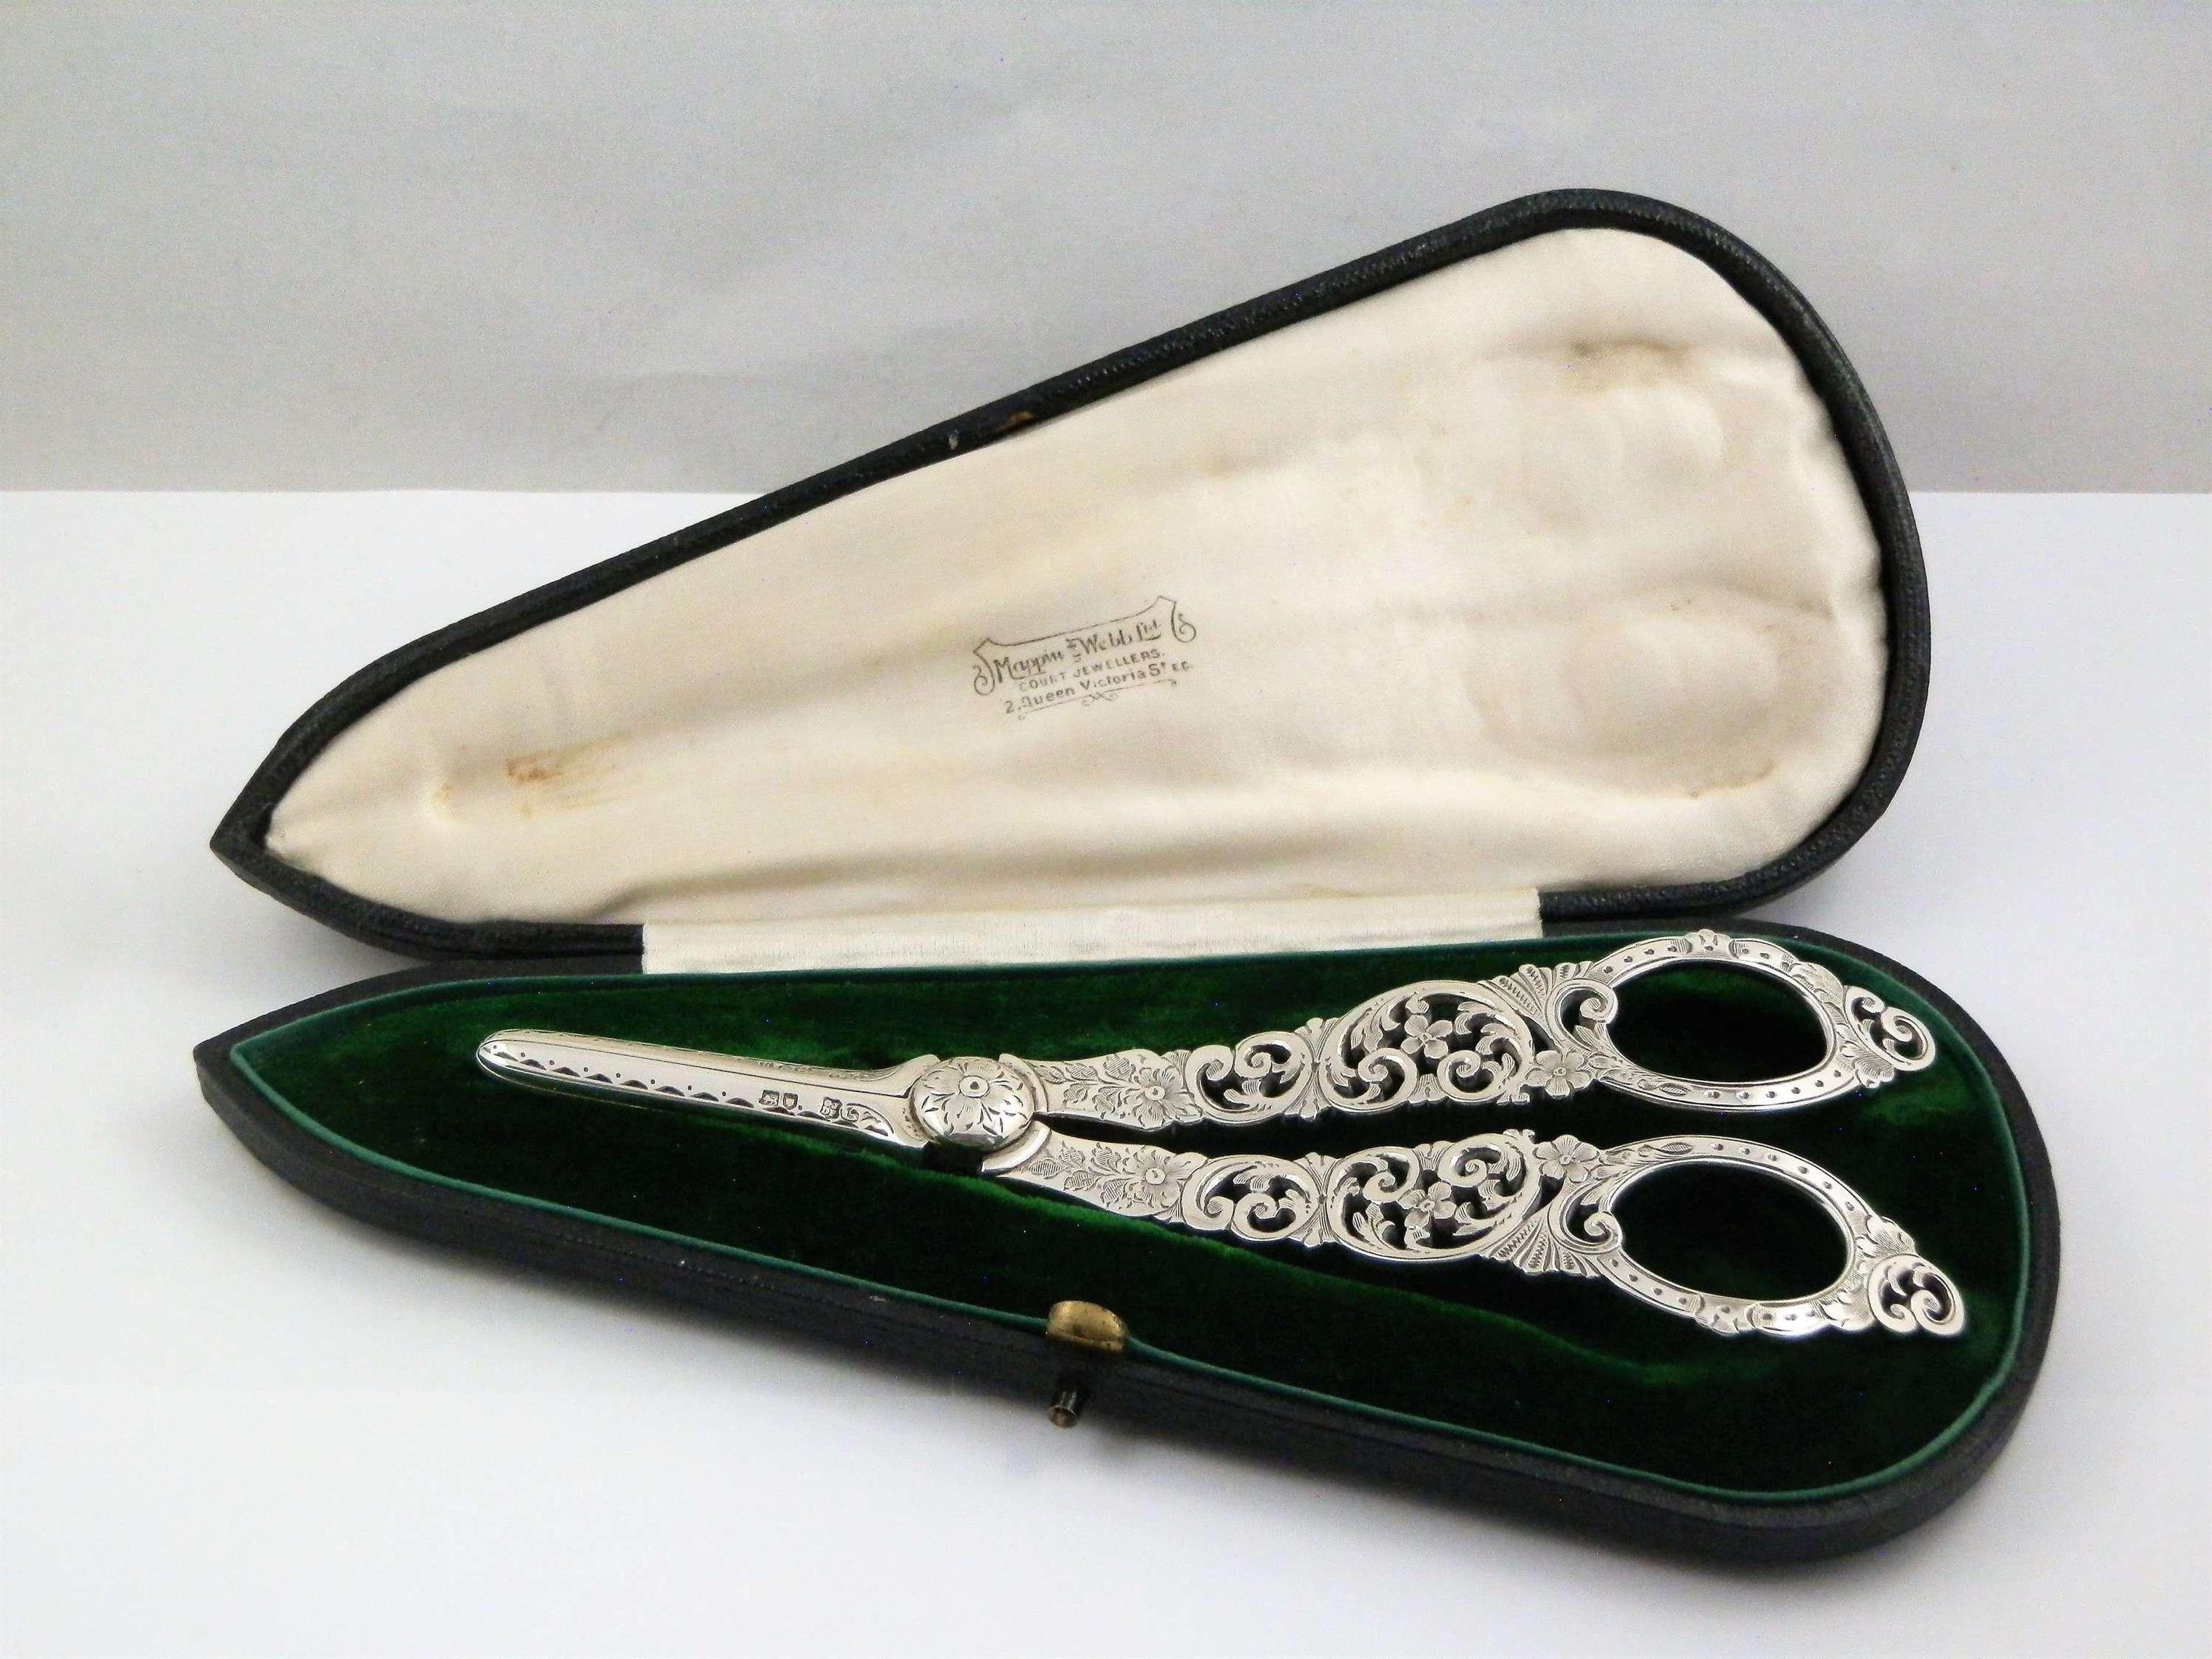 Edwardian silver cased grape scissors, London 1908